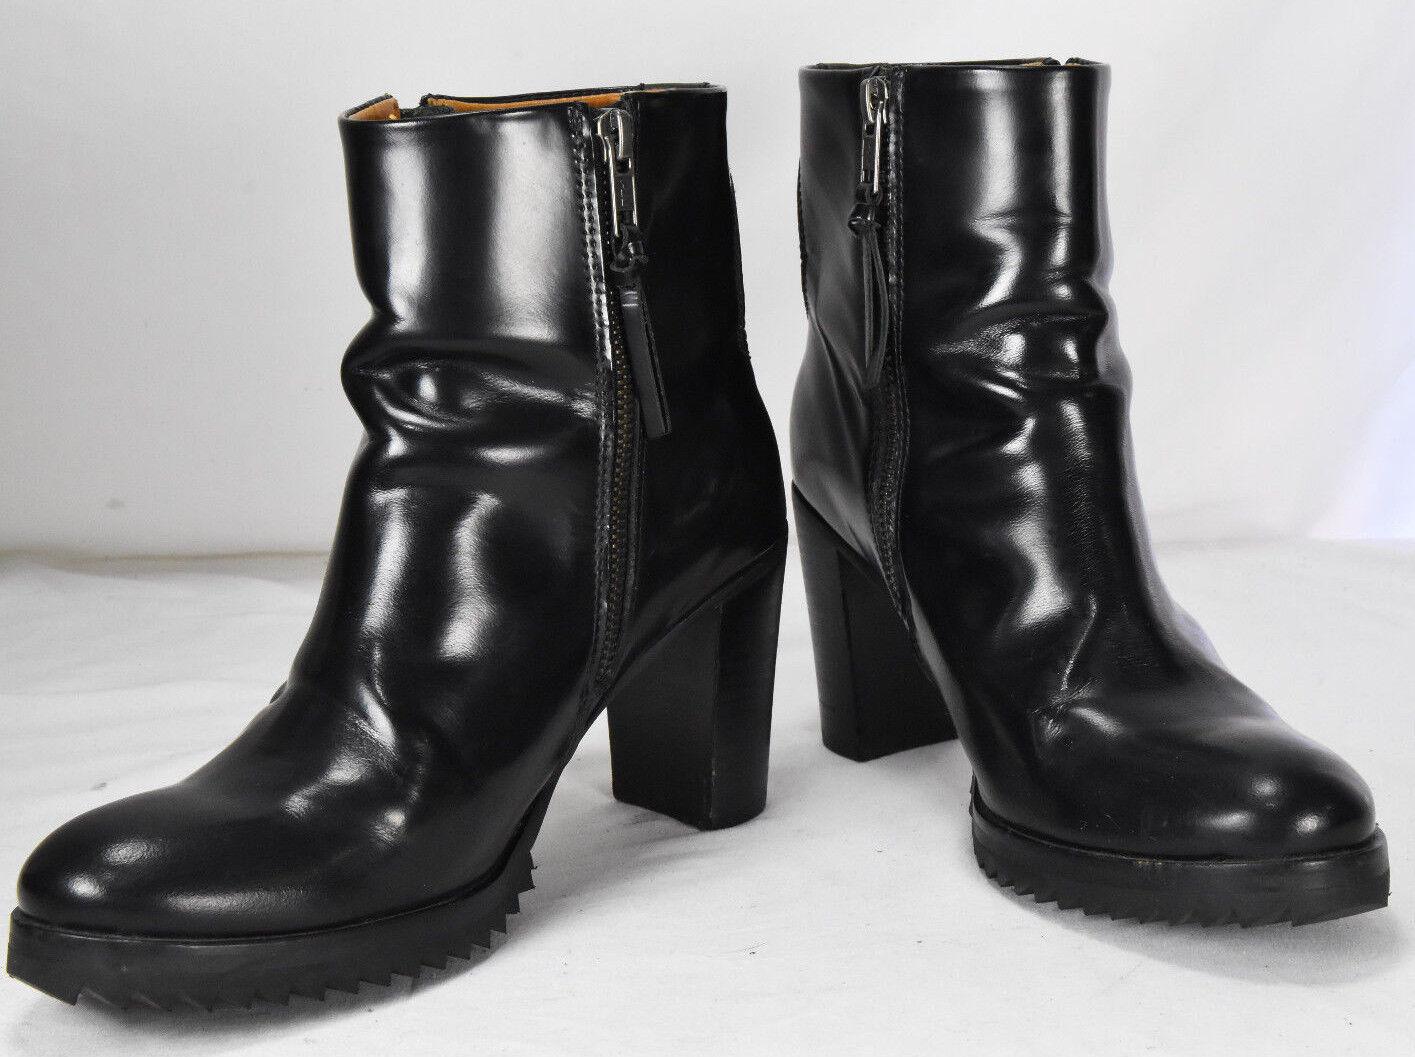 articoli promozionali ROYAL REPUBLIQ nero Patent LEATHER Zip Up Up Up ANKLE RIDING stivali SZ 38 US 8  essere molto richiesto